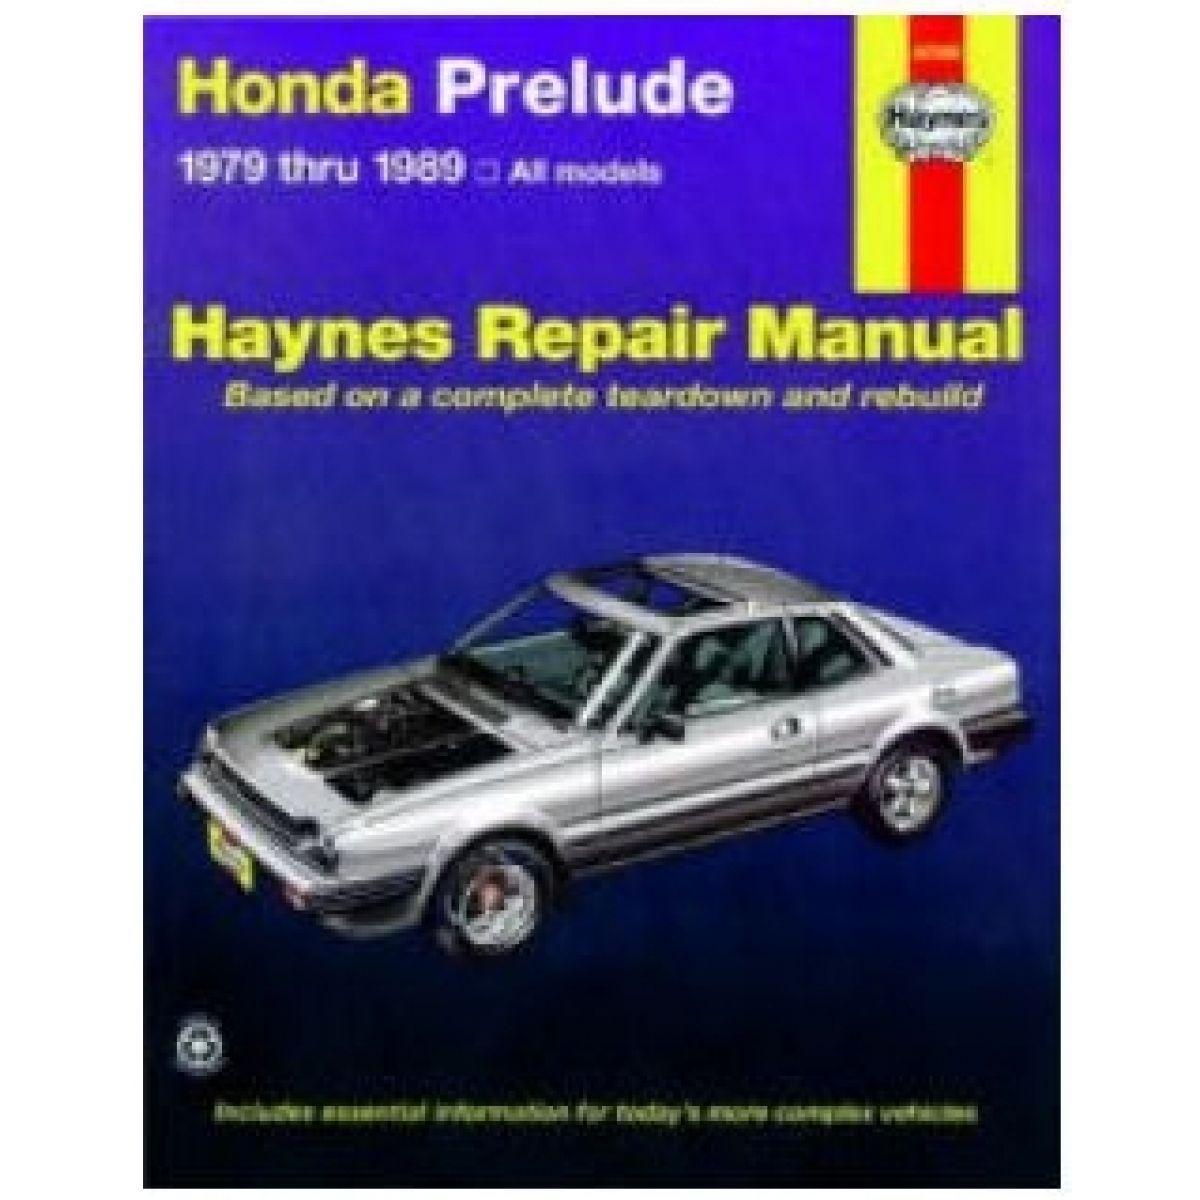 haynes repair manual for honda prelude 79 85 86 87 88 89 ebay rh ebay com 1997 honda prelude manual swap 1997 honda prelude manual swap